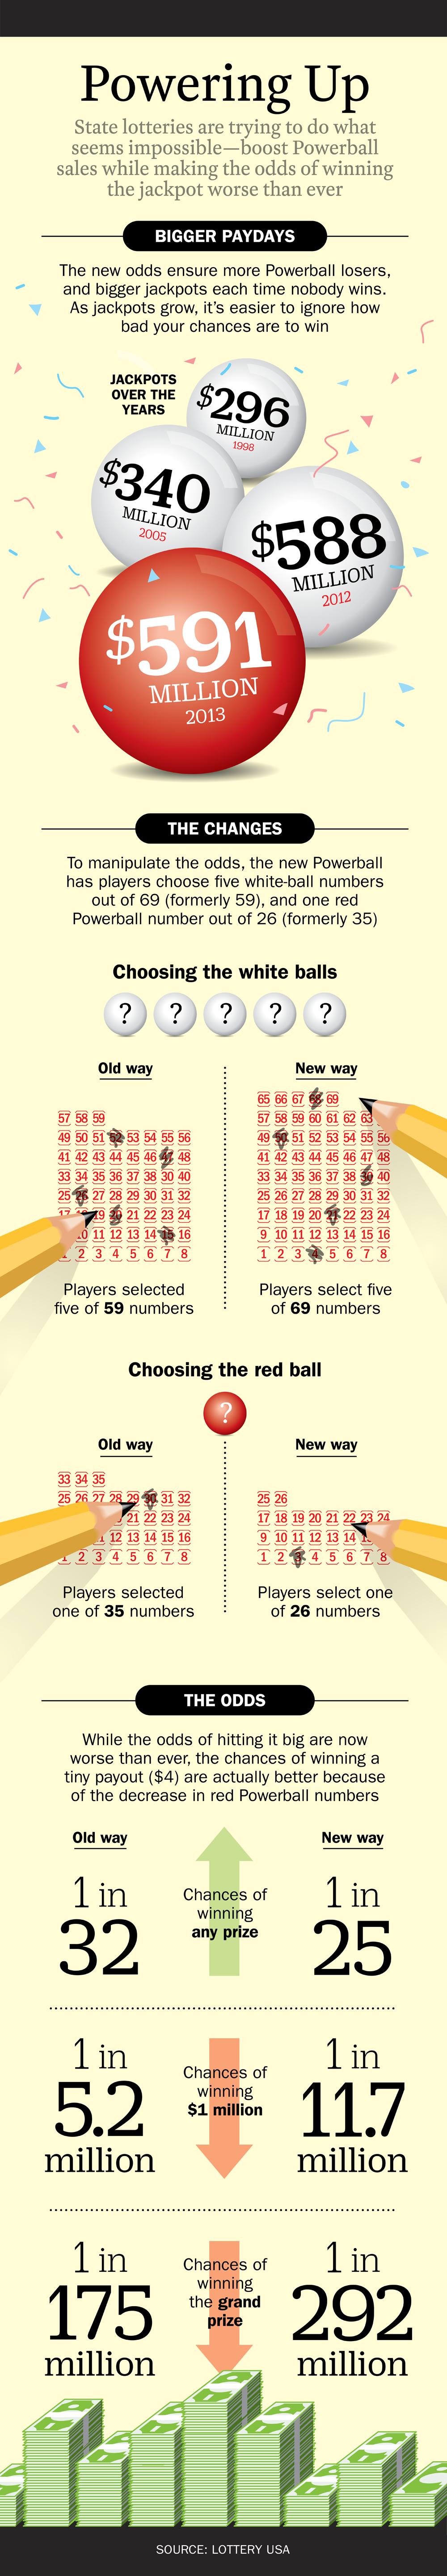 Powerball Winning Rules